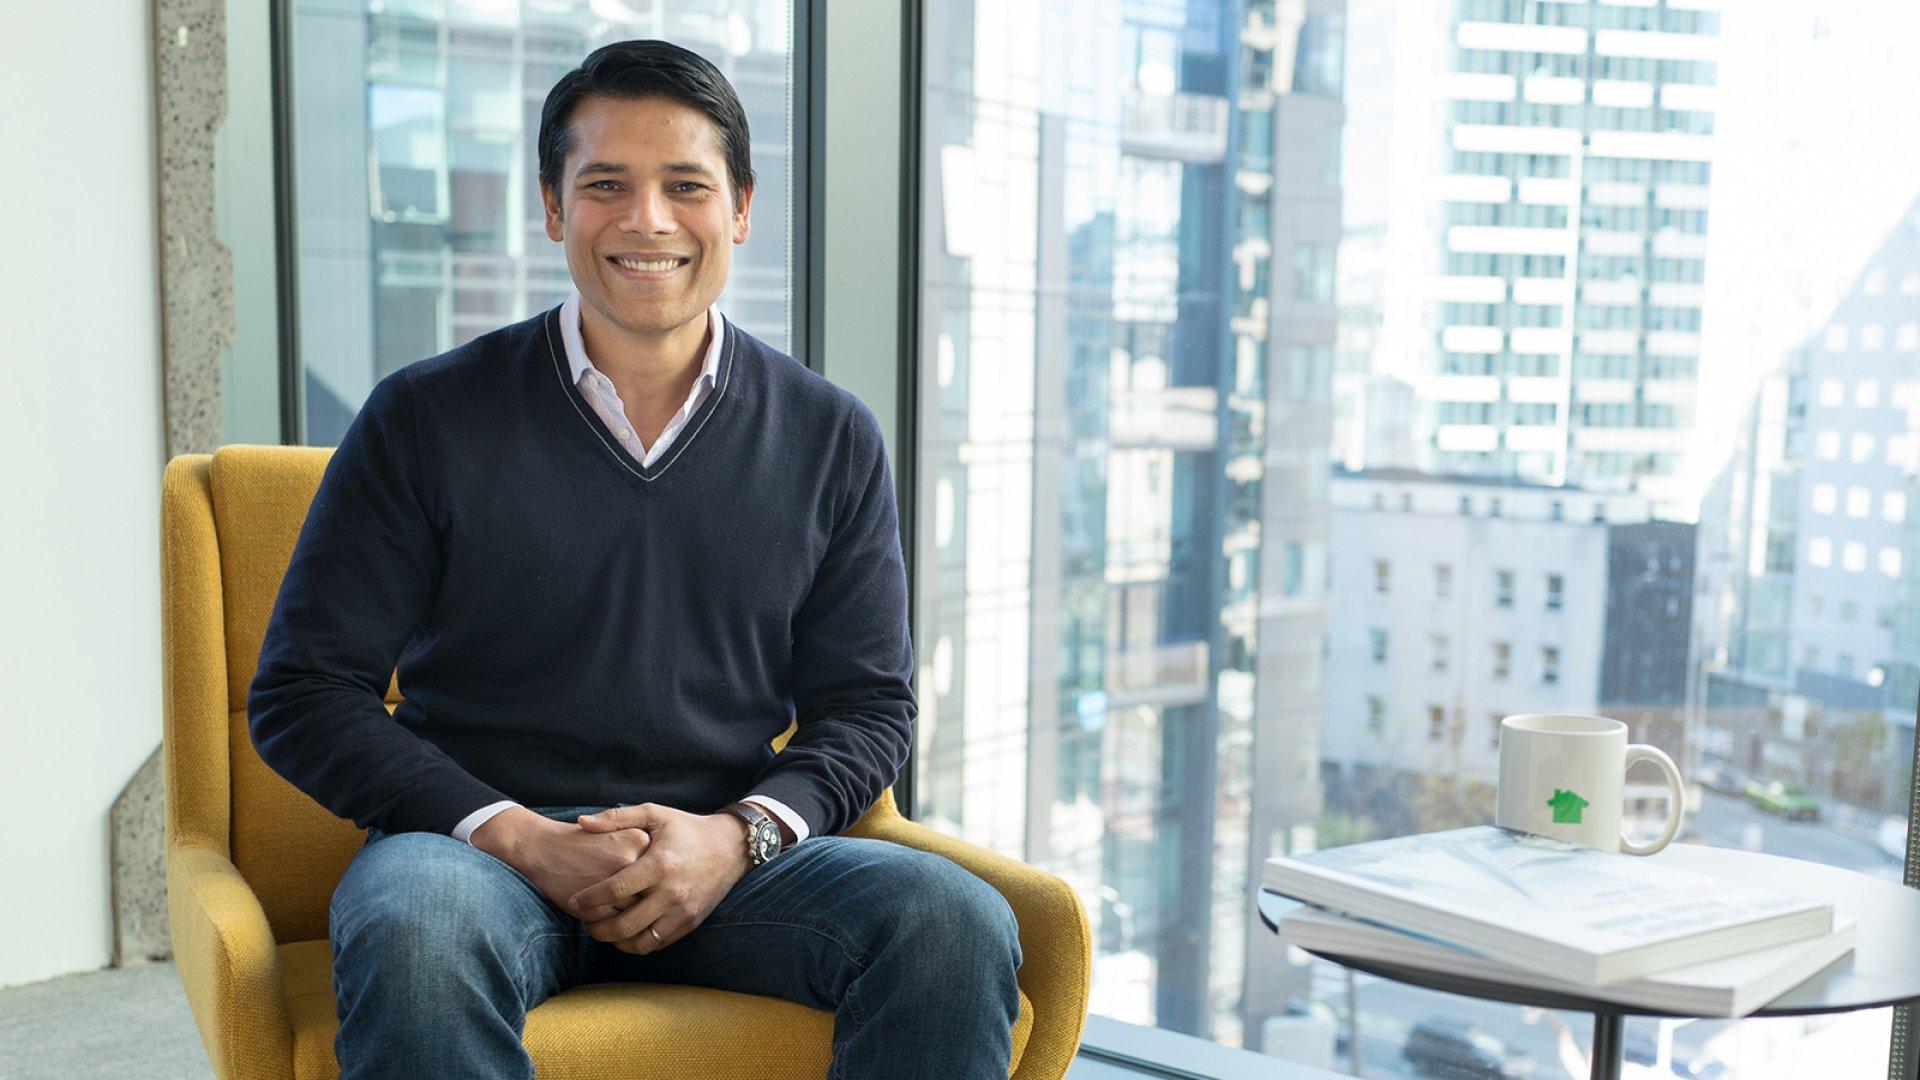 Nirav Tolia, co-founder and CEO of Nextdoor.